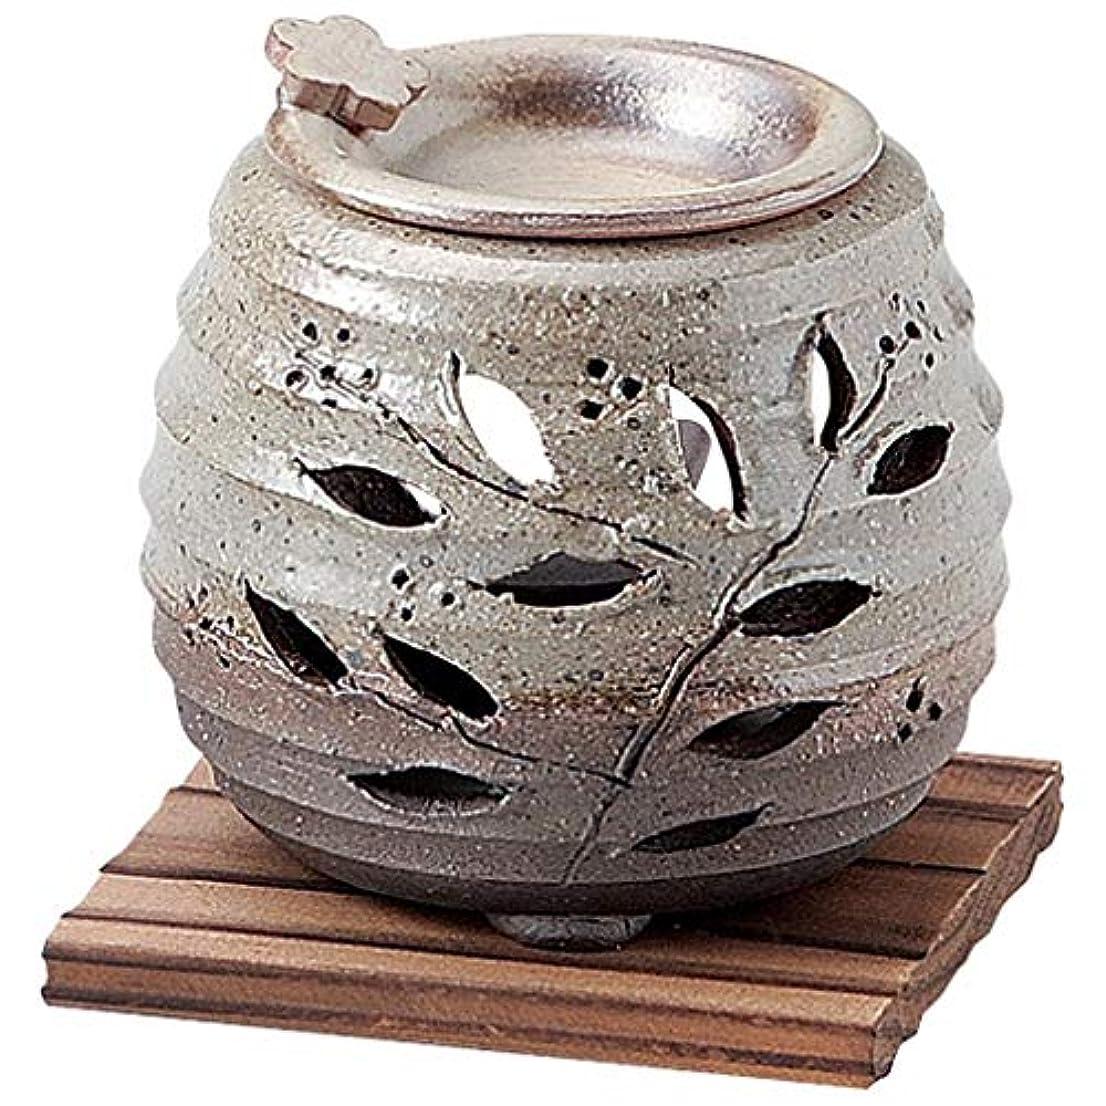 平和なぬるいの中でお部屋の消臭に!■常滑焼【茶香炉】石龍作 緑灰釉花茶香炉(板付)